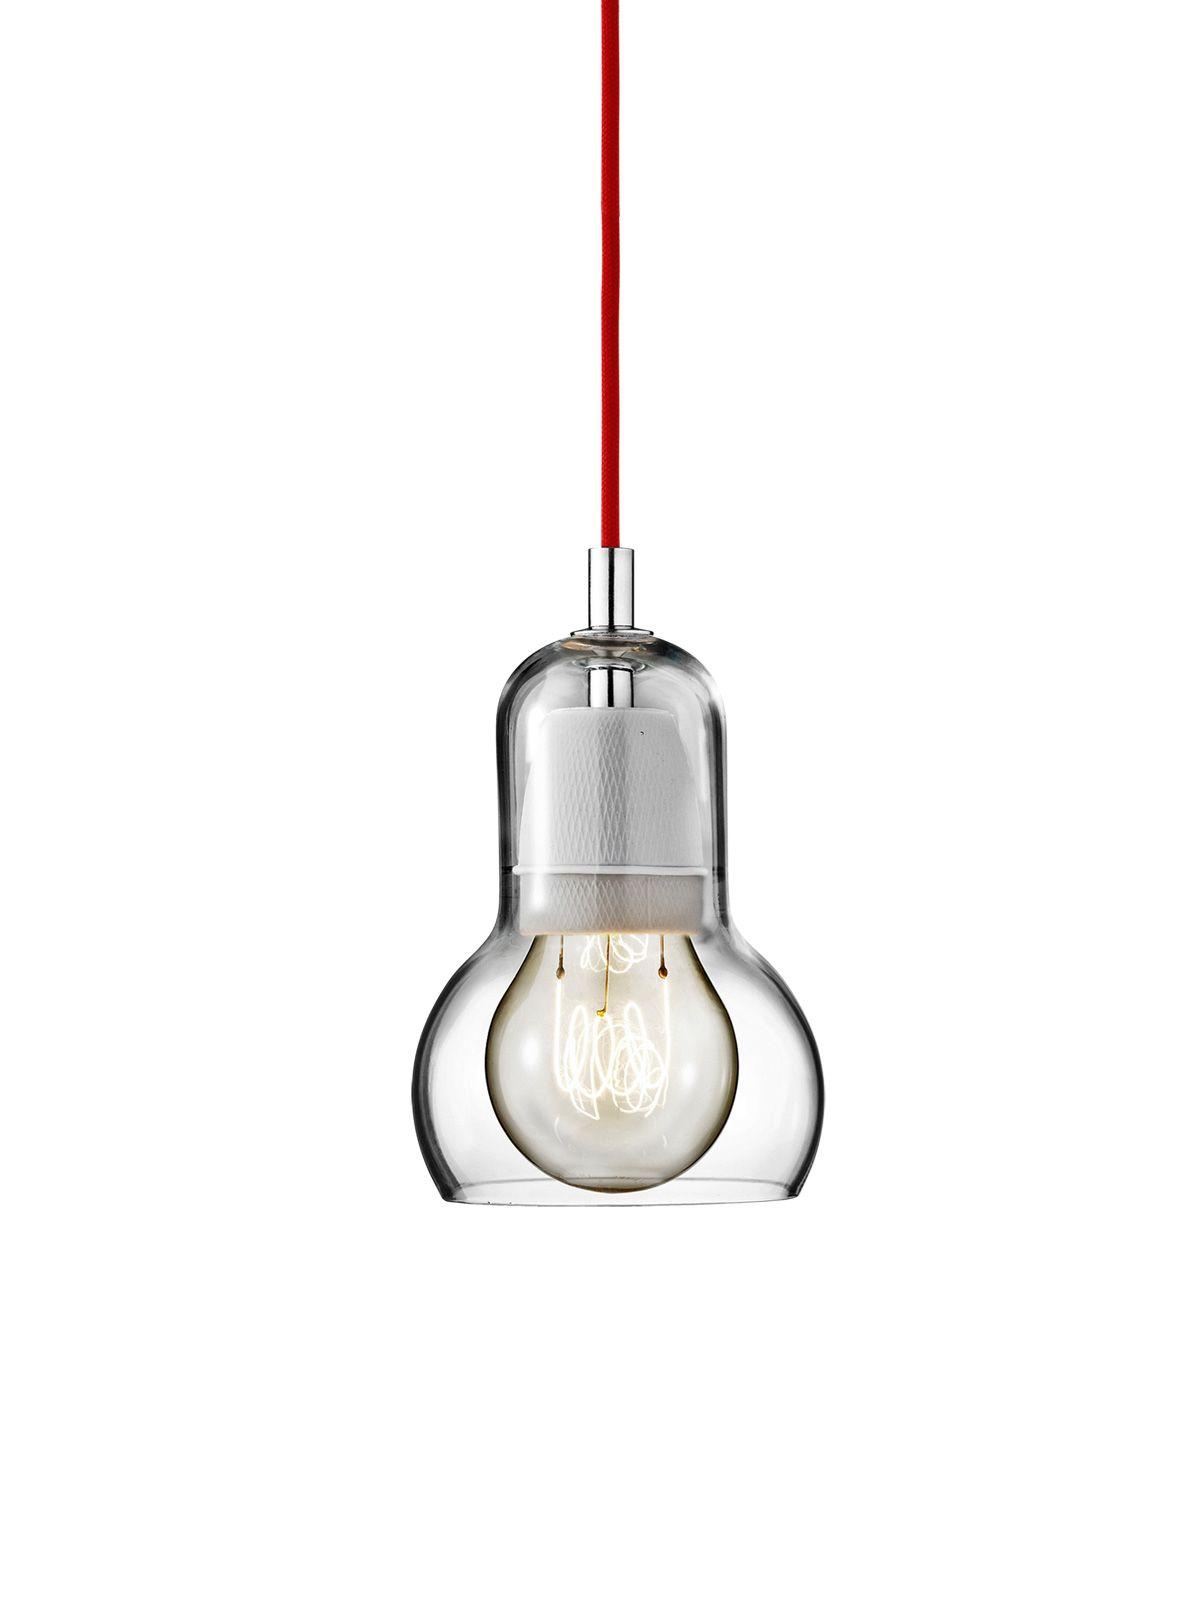 Bulb sr1 | Schwarz rot, Farbe schwarz und Kabel